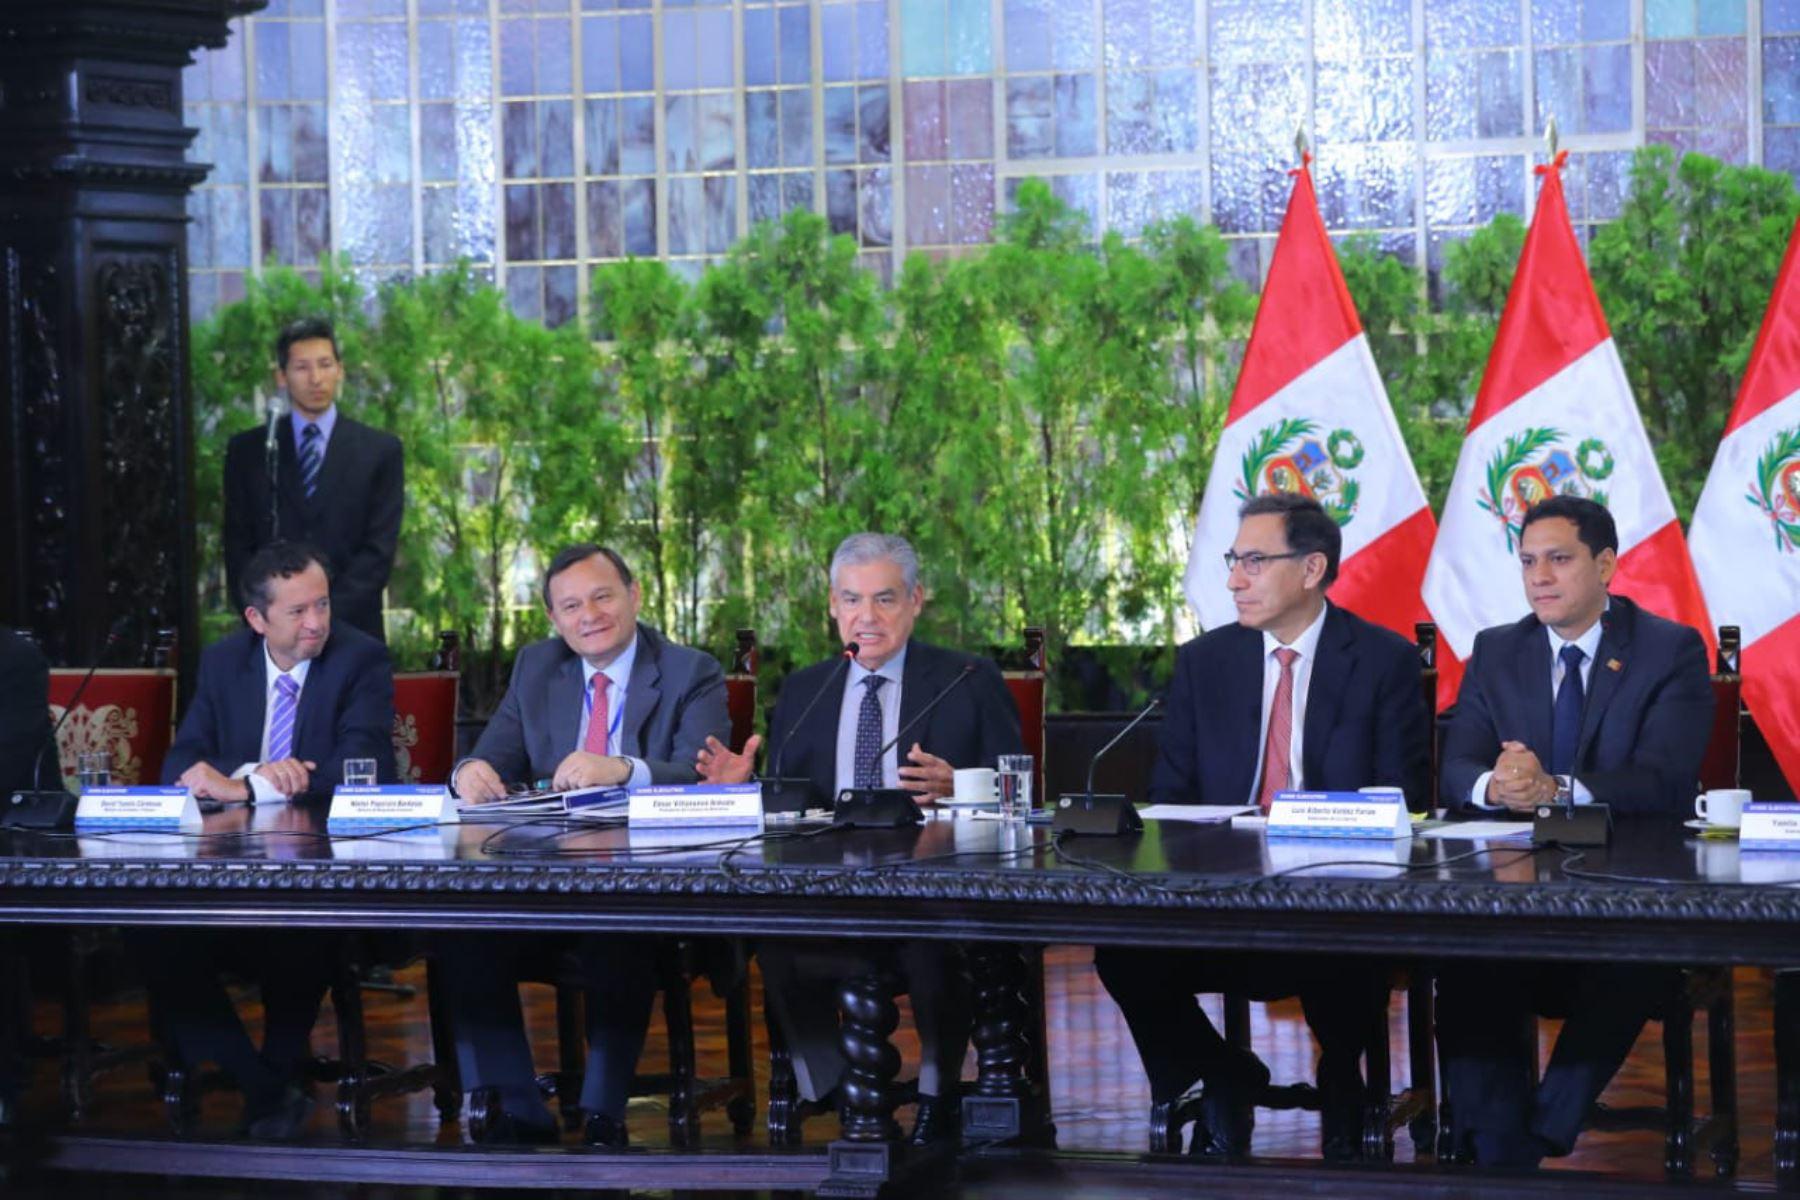 El jefe del Gabinete Ministerial, César Villanueva, en Gore-Ejecutivo. Foto: ANDINA/Prensa Presidencia.